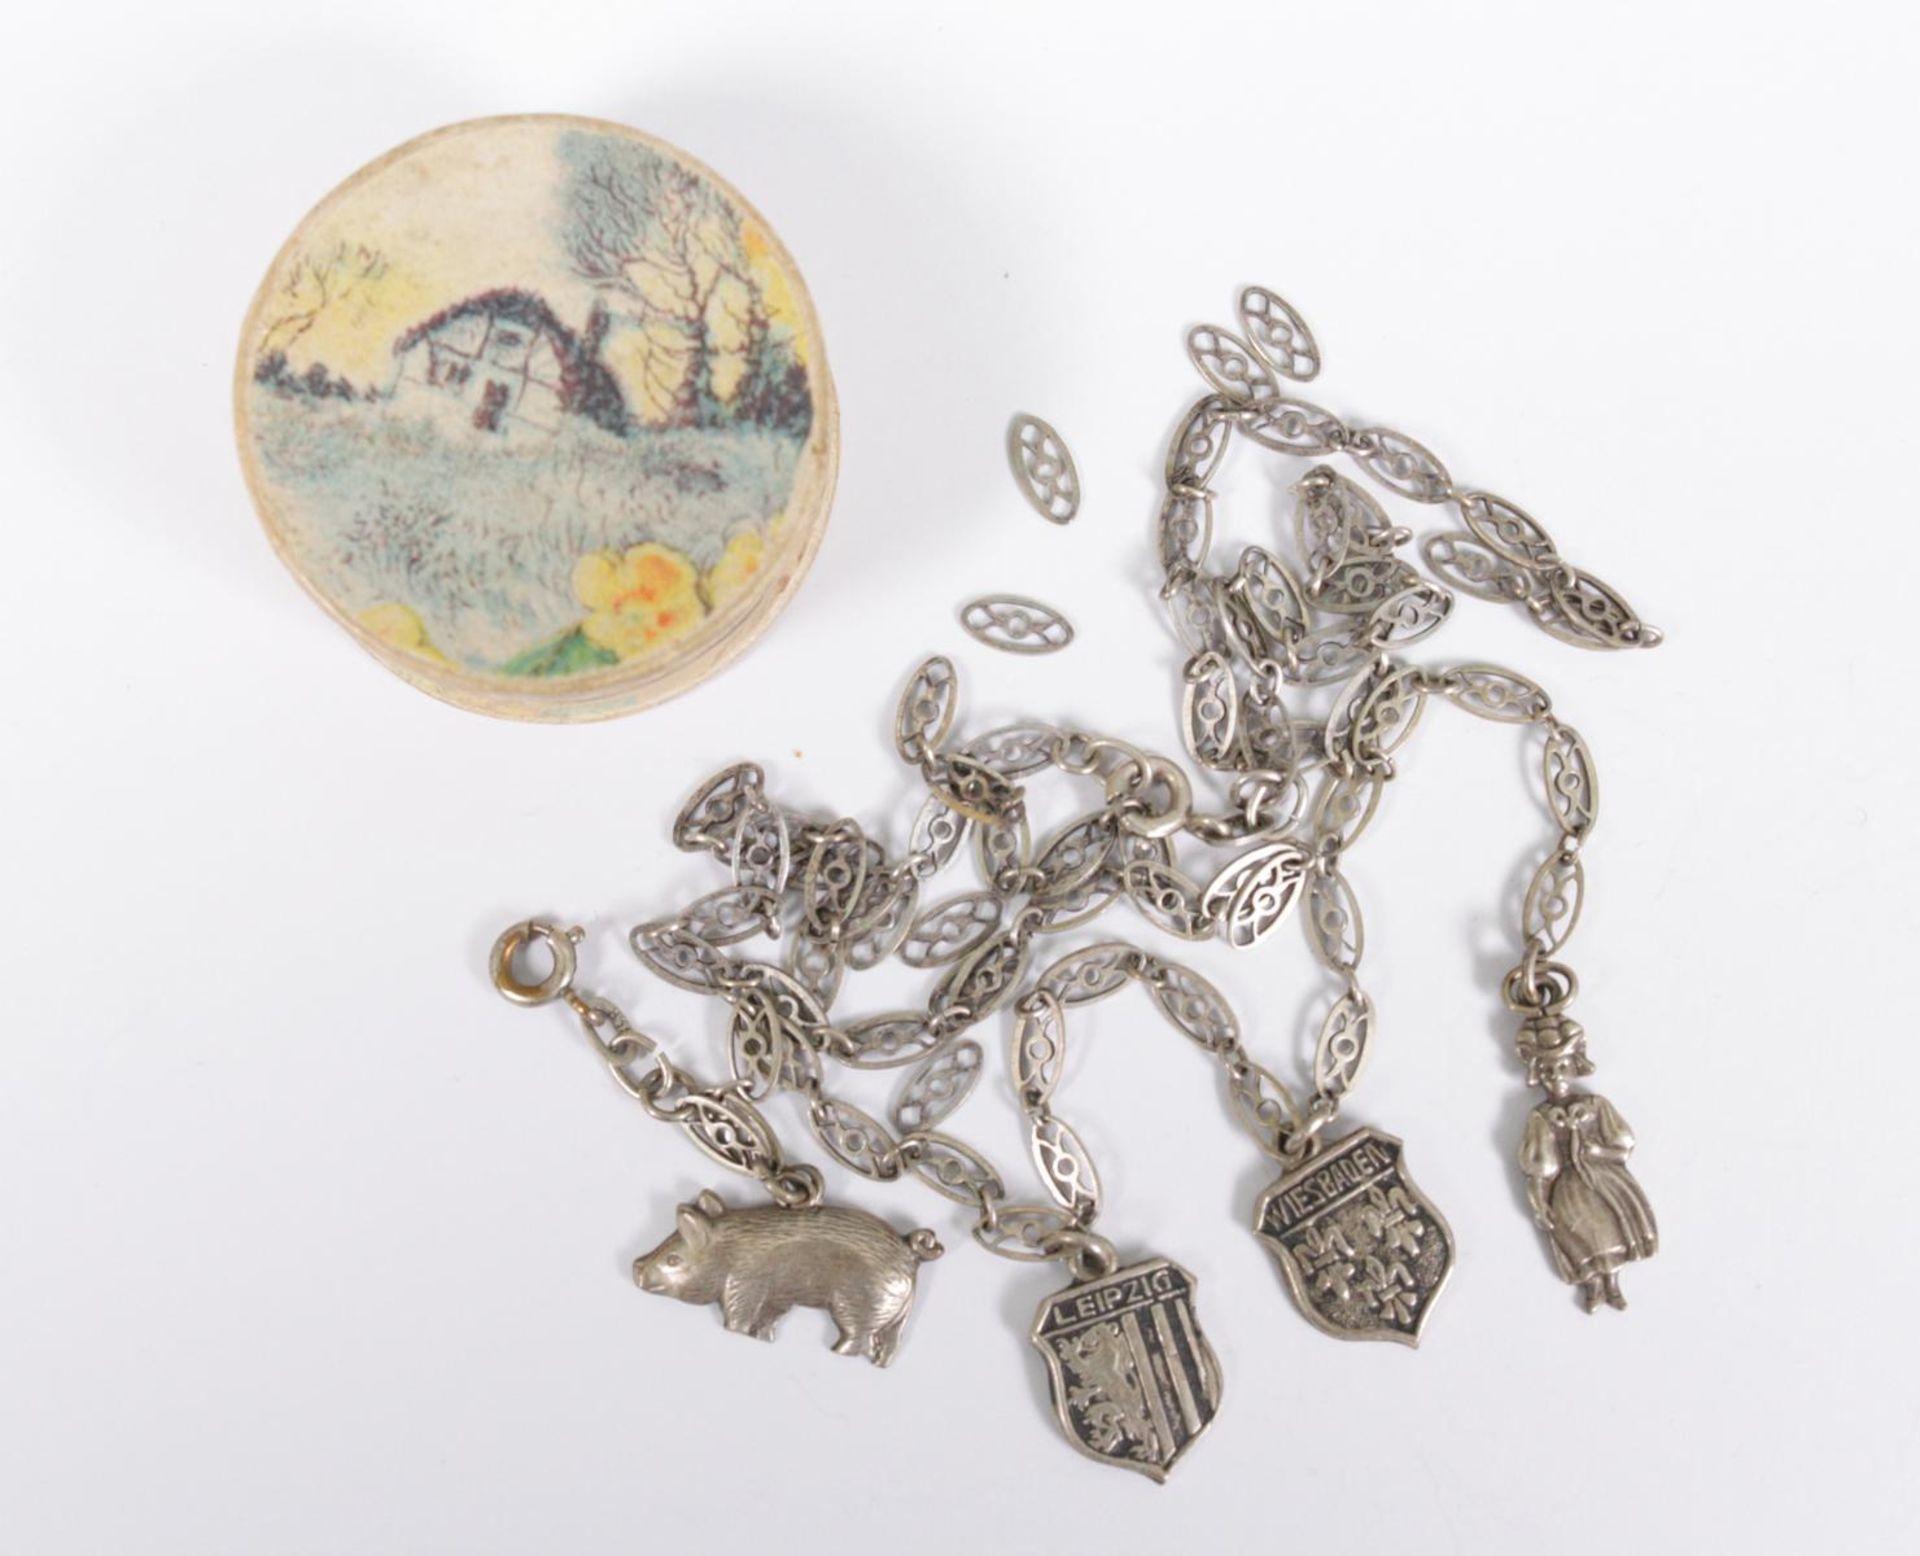 Runde Schmuckschachtel mit Bettelarmband und gerissener Halskette aus Silber